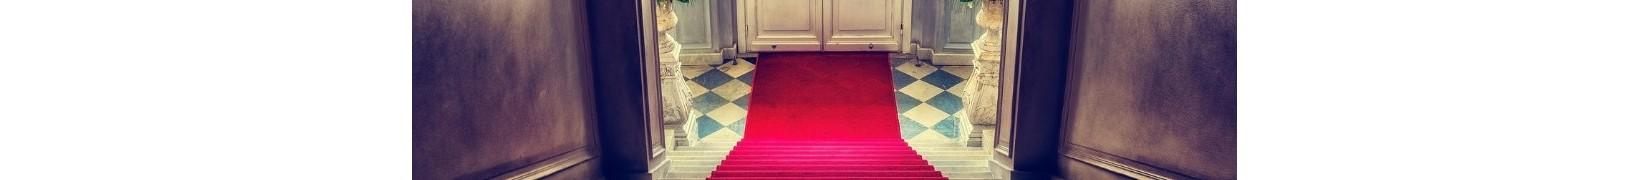 Chodniki dywanowe do przedpokoju. Nowoczesne, cięte z metra - sklep Śliczne Dywany